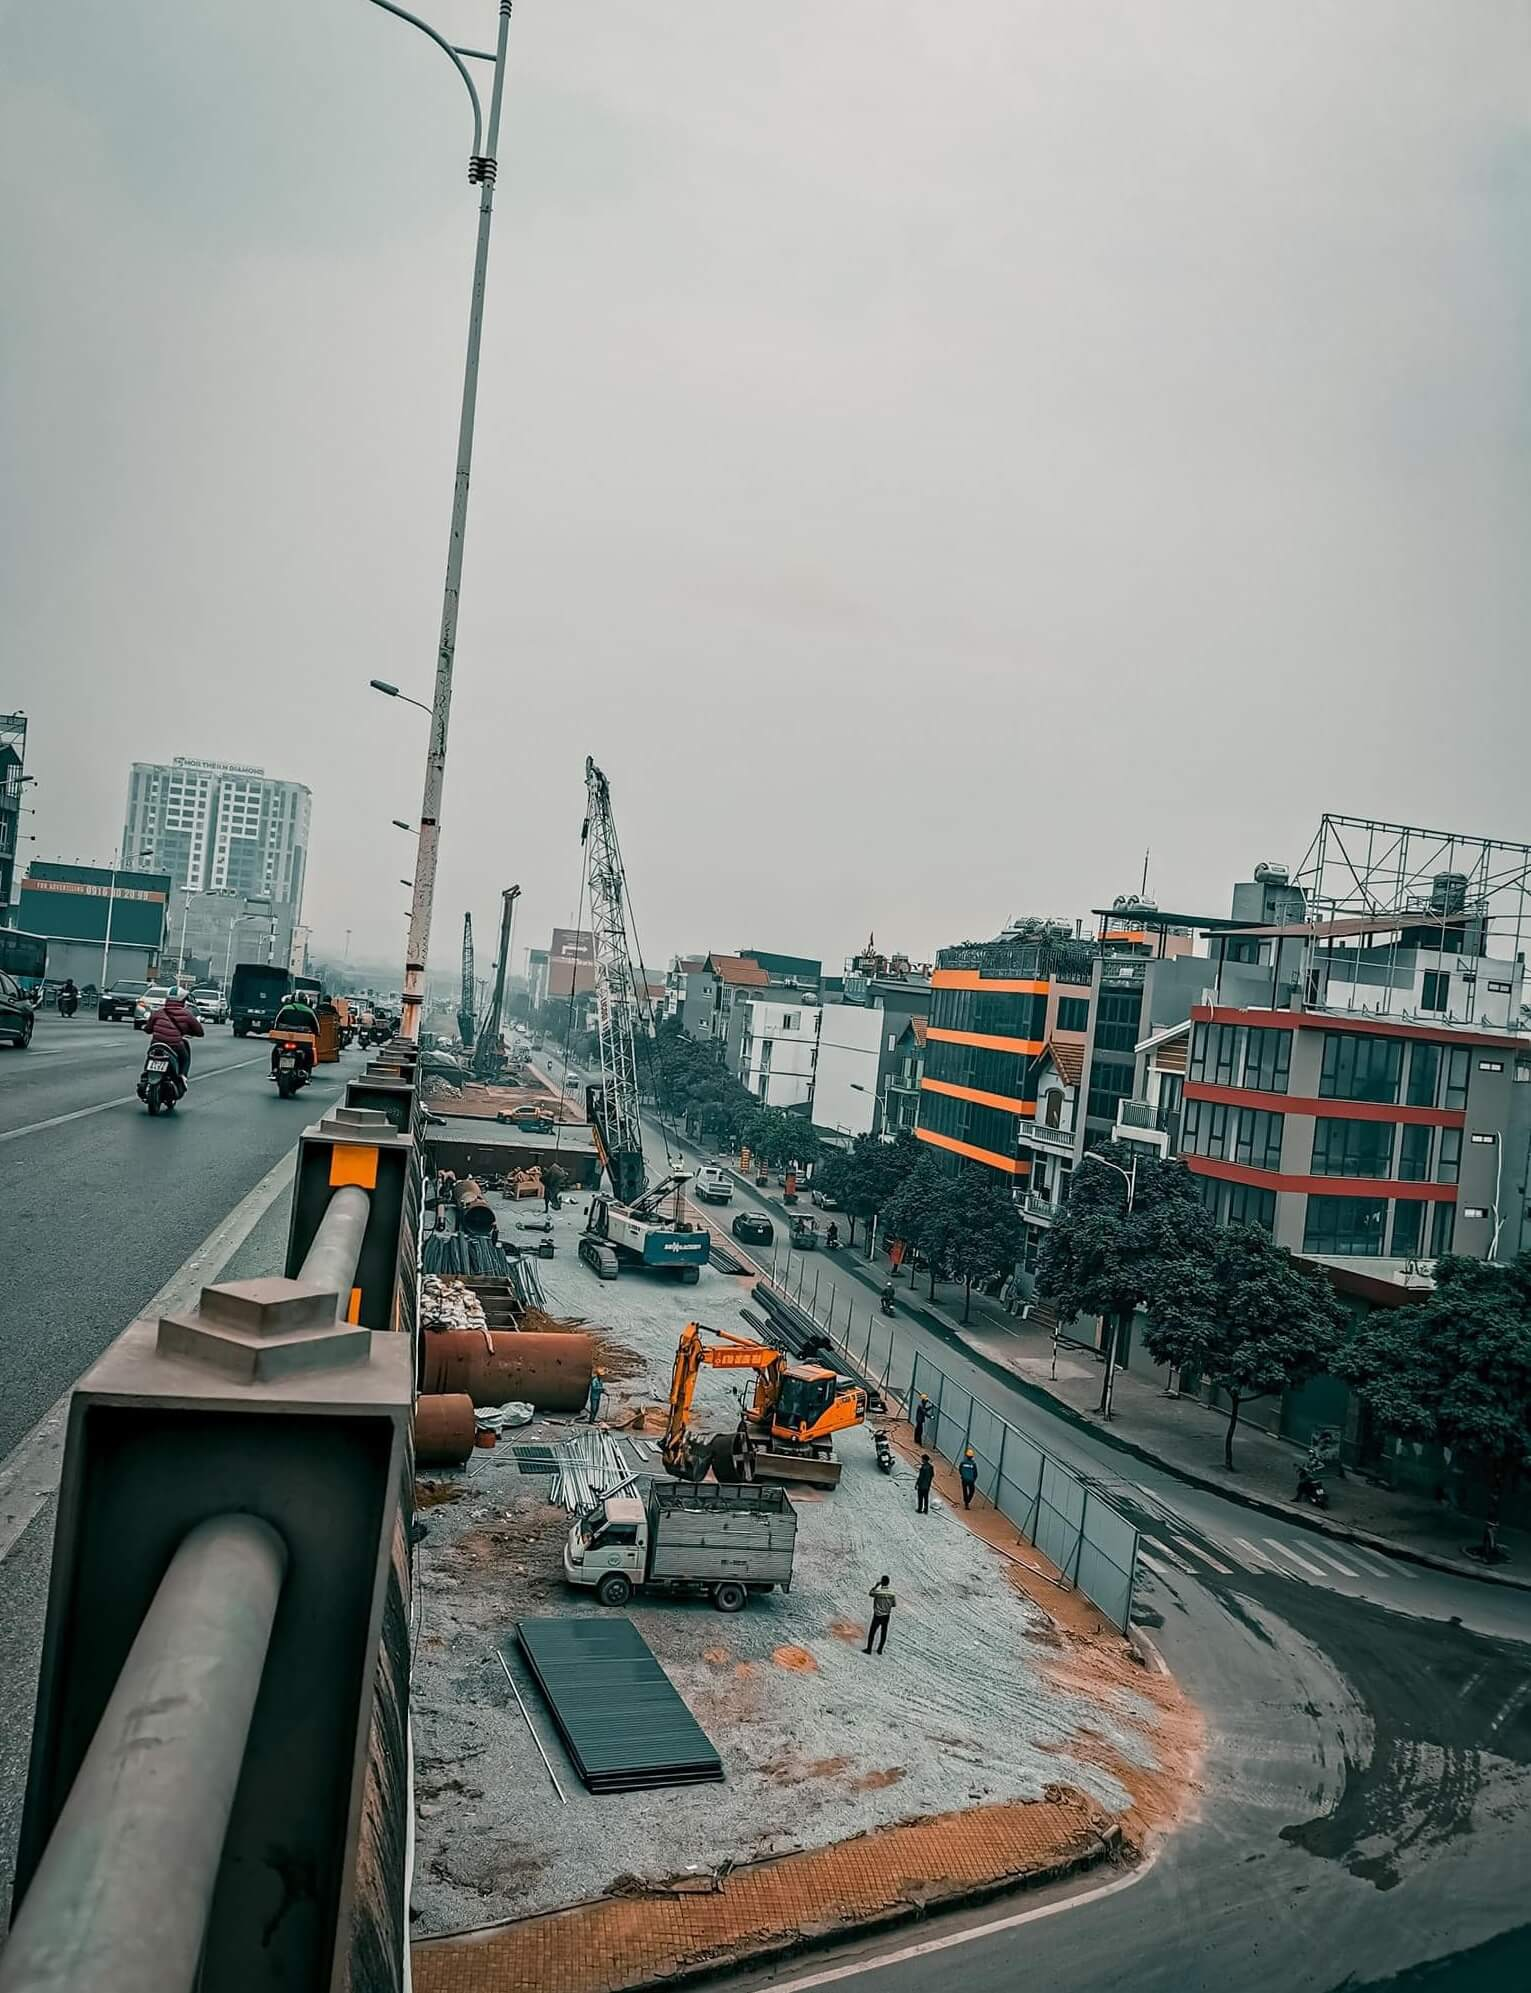 Những hình ảnh mới nhất về tiến độ thi công dự án cầu Vĩnh Tuy 2.